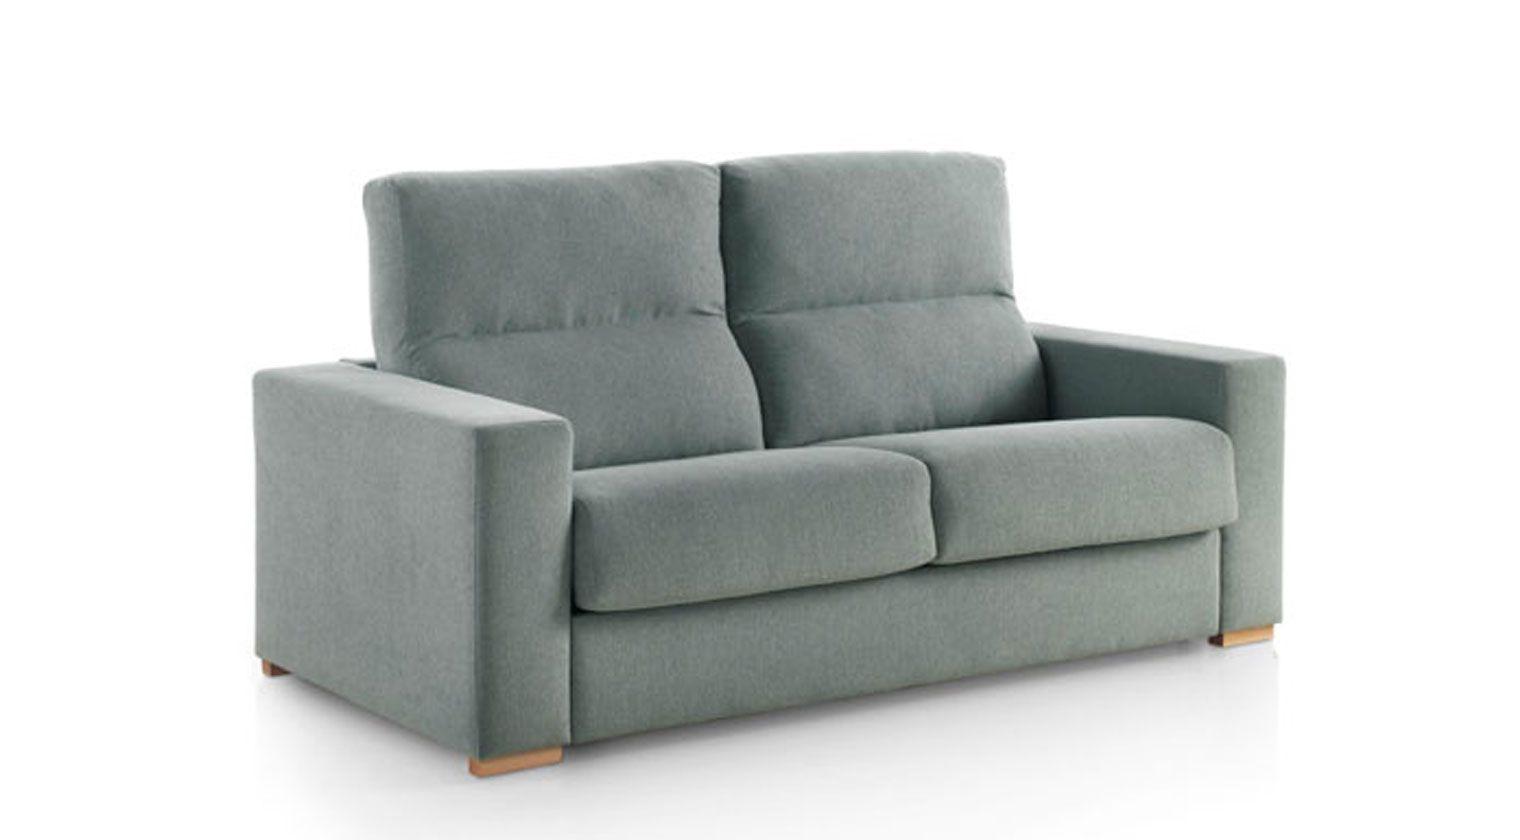 Comprar sof cama bossa 1 plaza cama de 80x190 cm bonus for Divan 80x190